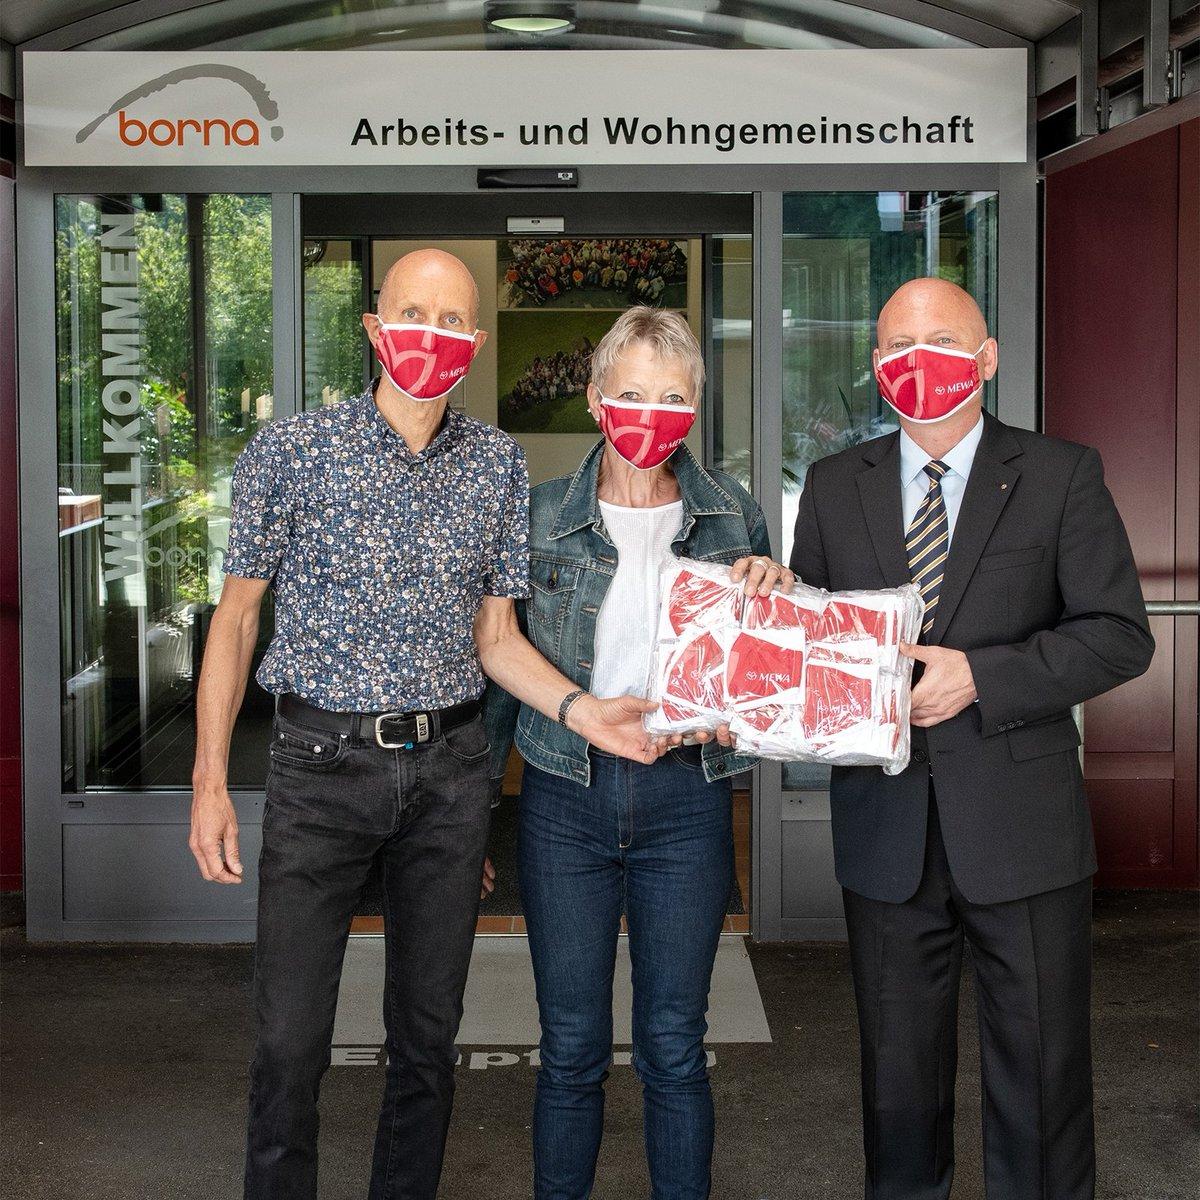 """#MEWA schenkt mondmaskers … Lachende gezichten bij werk- en leefgemeenschap #Borna, in het Zwitserse Rothrist, tijdens de overhandiging van 300 textielmaskers van MEWA. """"Solidariteit dragen wij bijzonder hoog in het vaandel"""", aldus George Lazar, directeur van MEWA Wynau https://t.co/rrgvHmzf0q"""